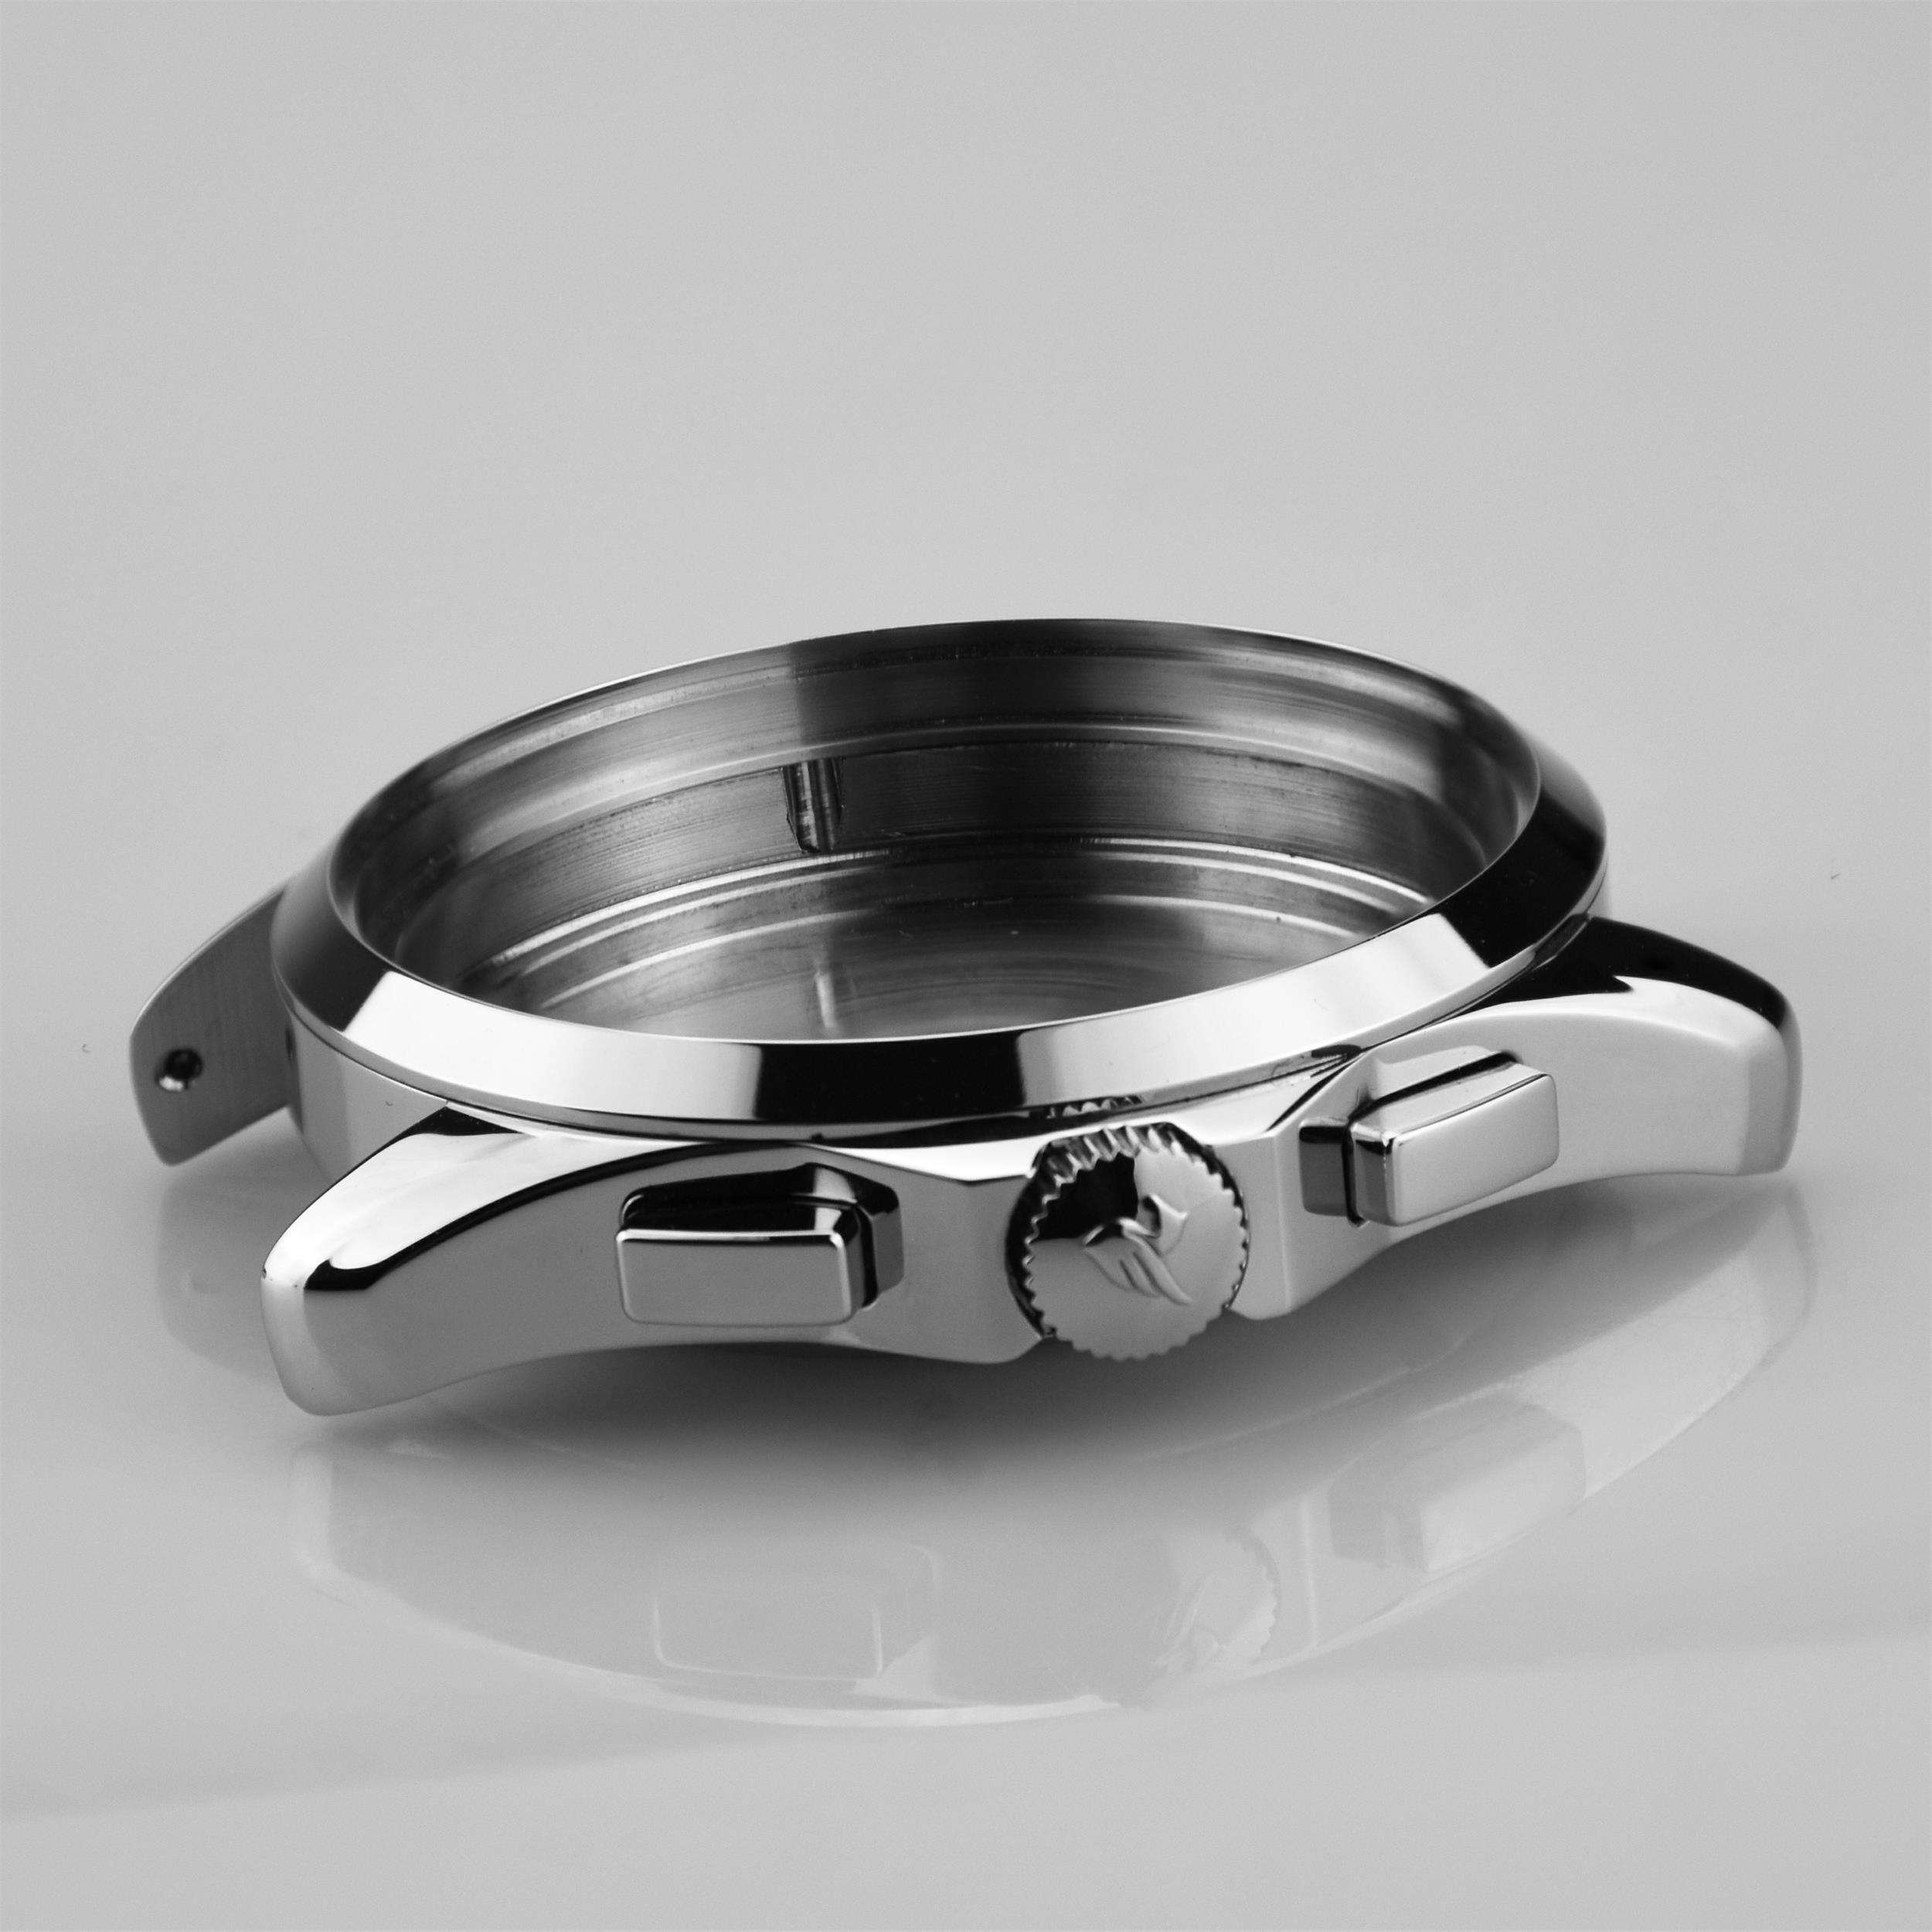 Silver Watch Case